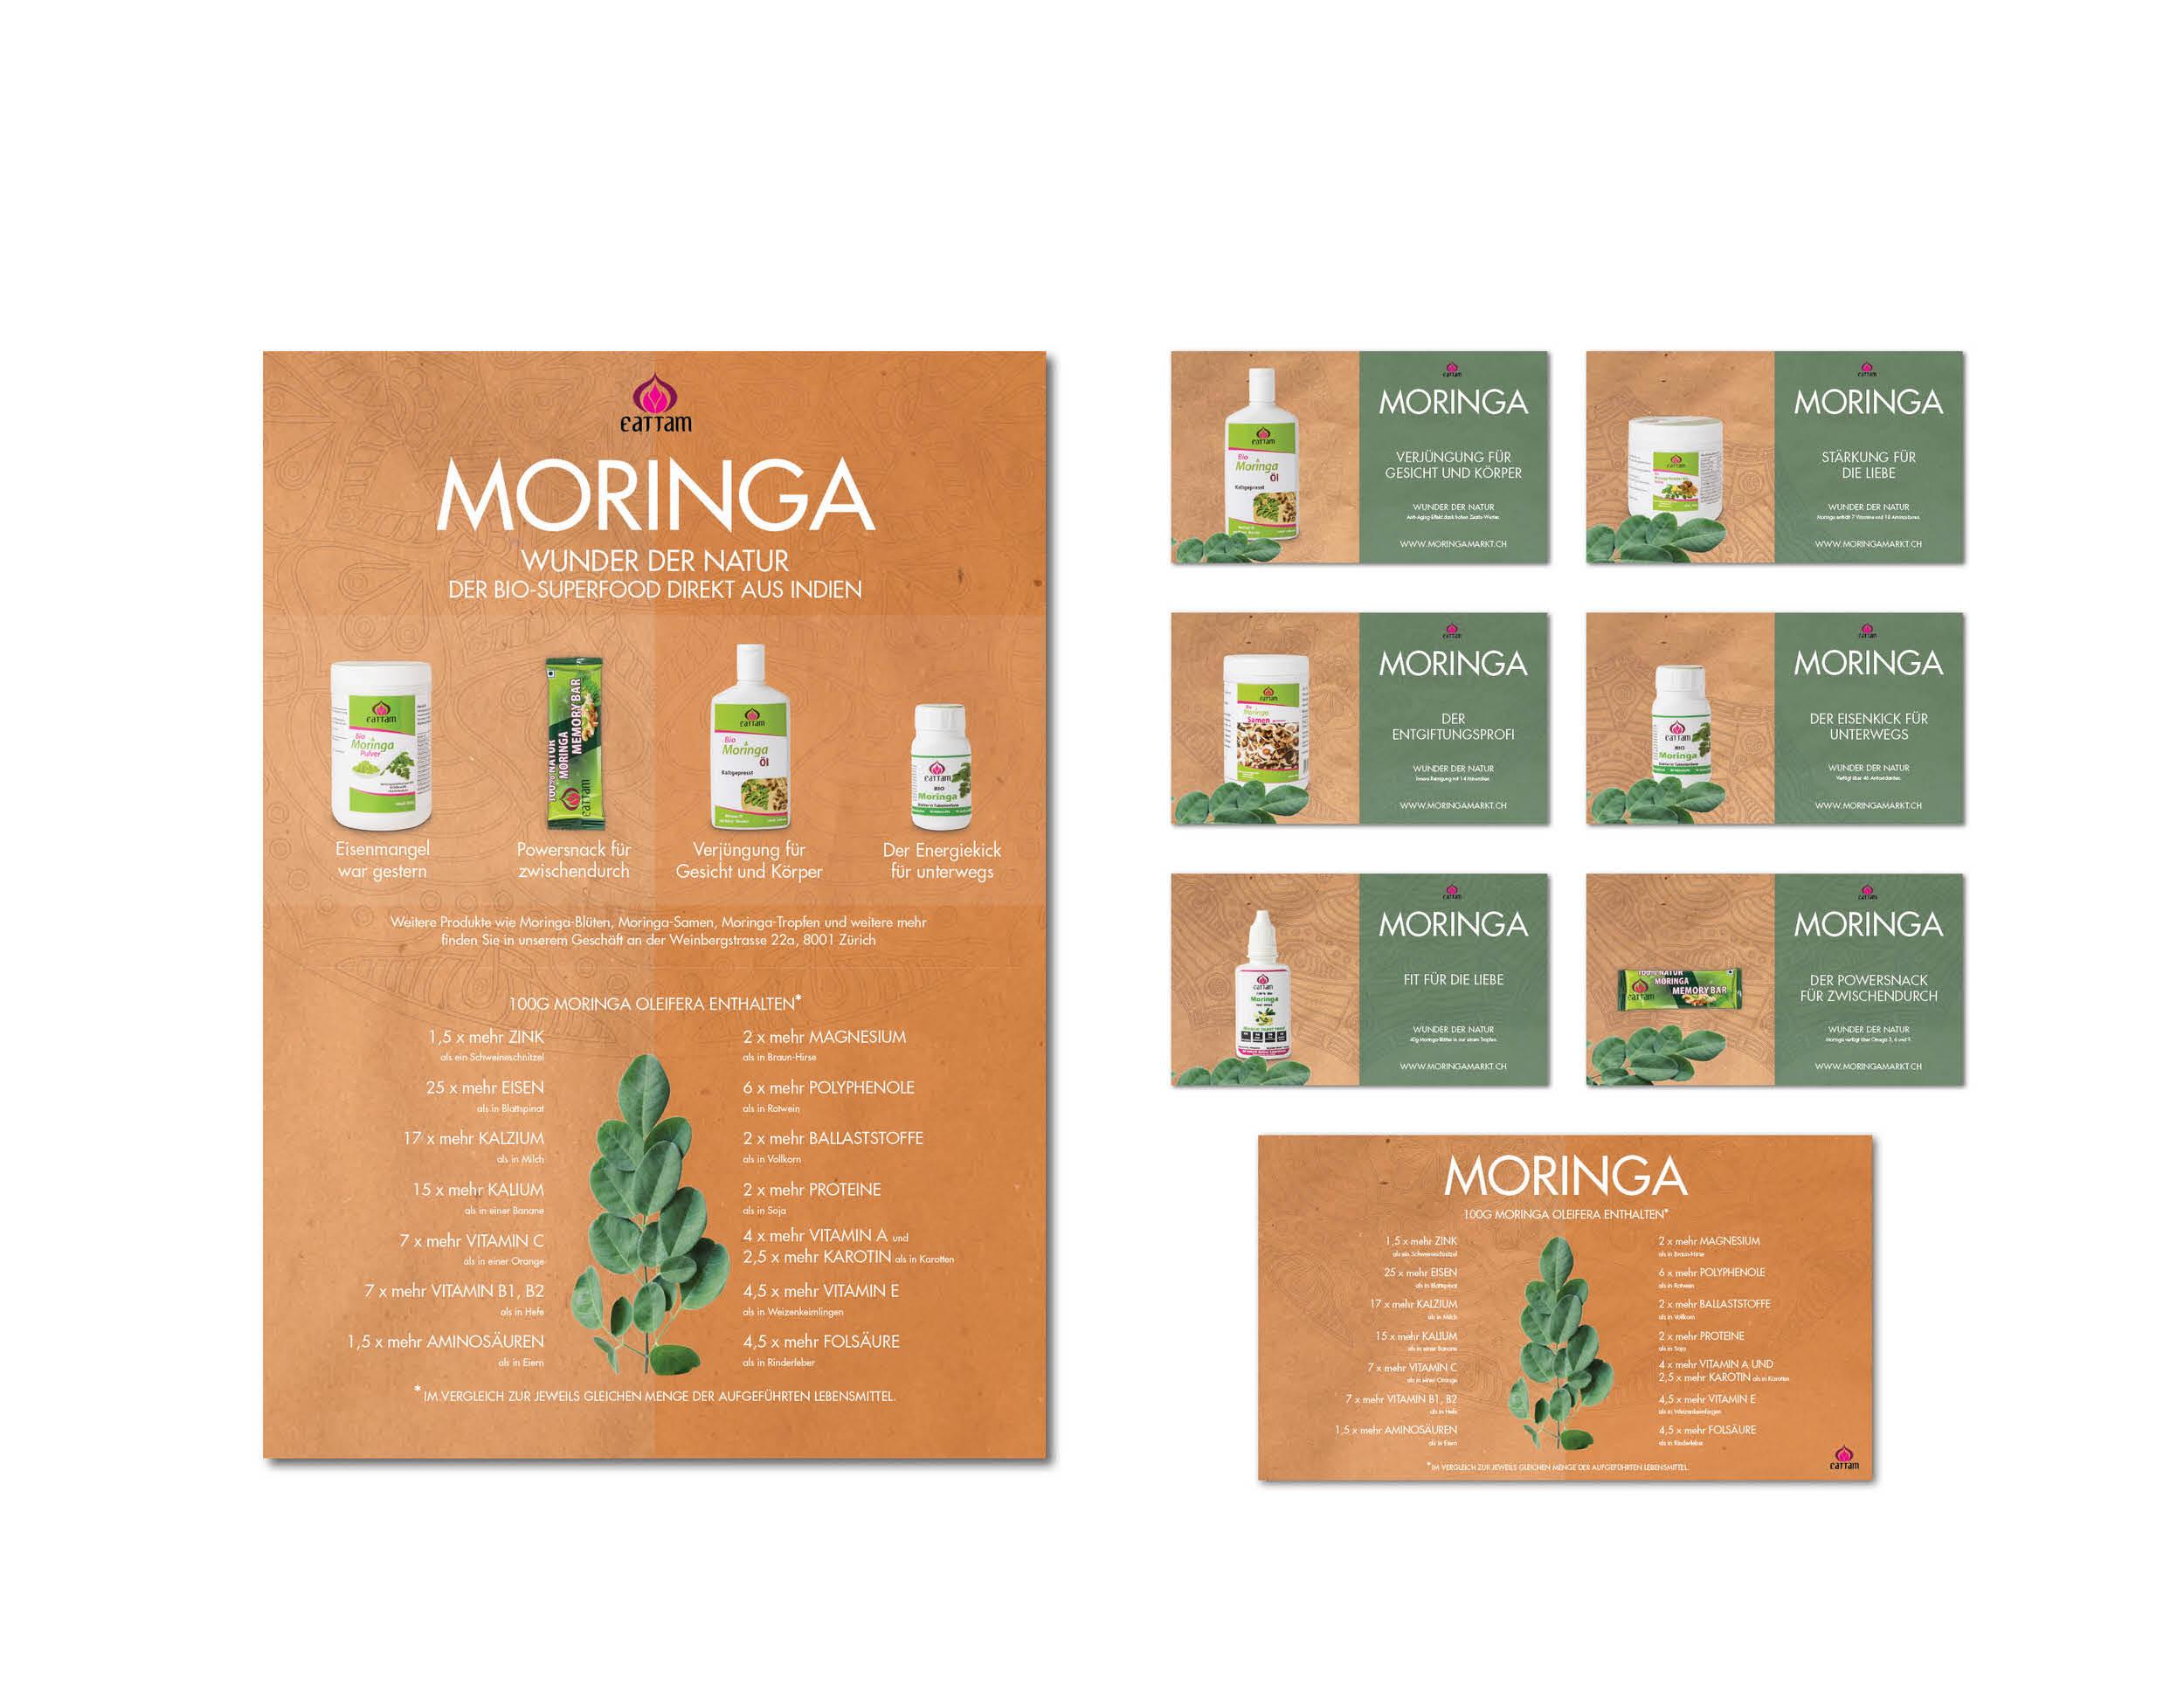 Gestaltung von Plakaten und digitalen Slides I Moringa Markt